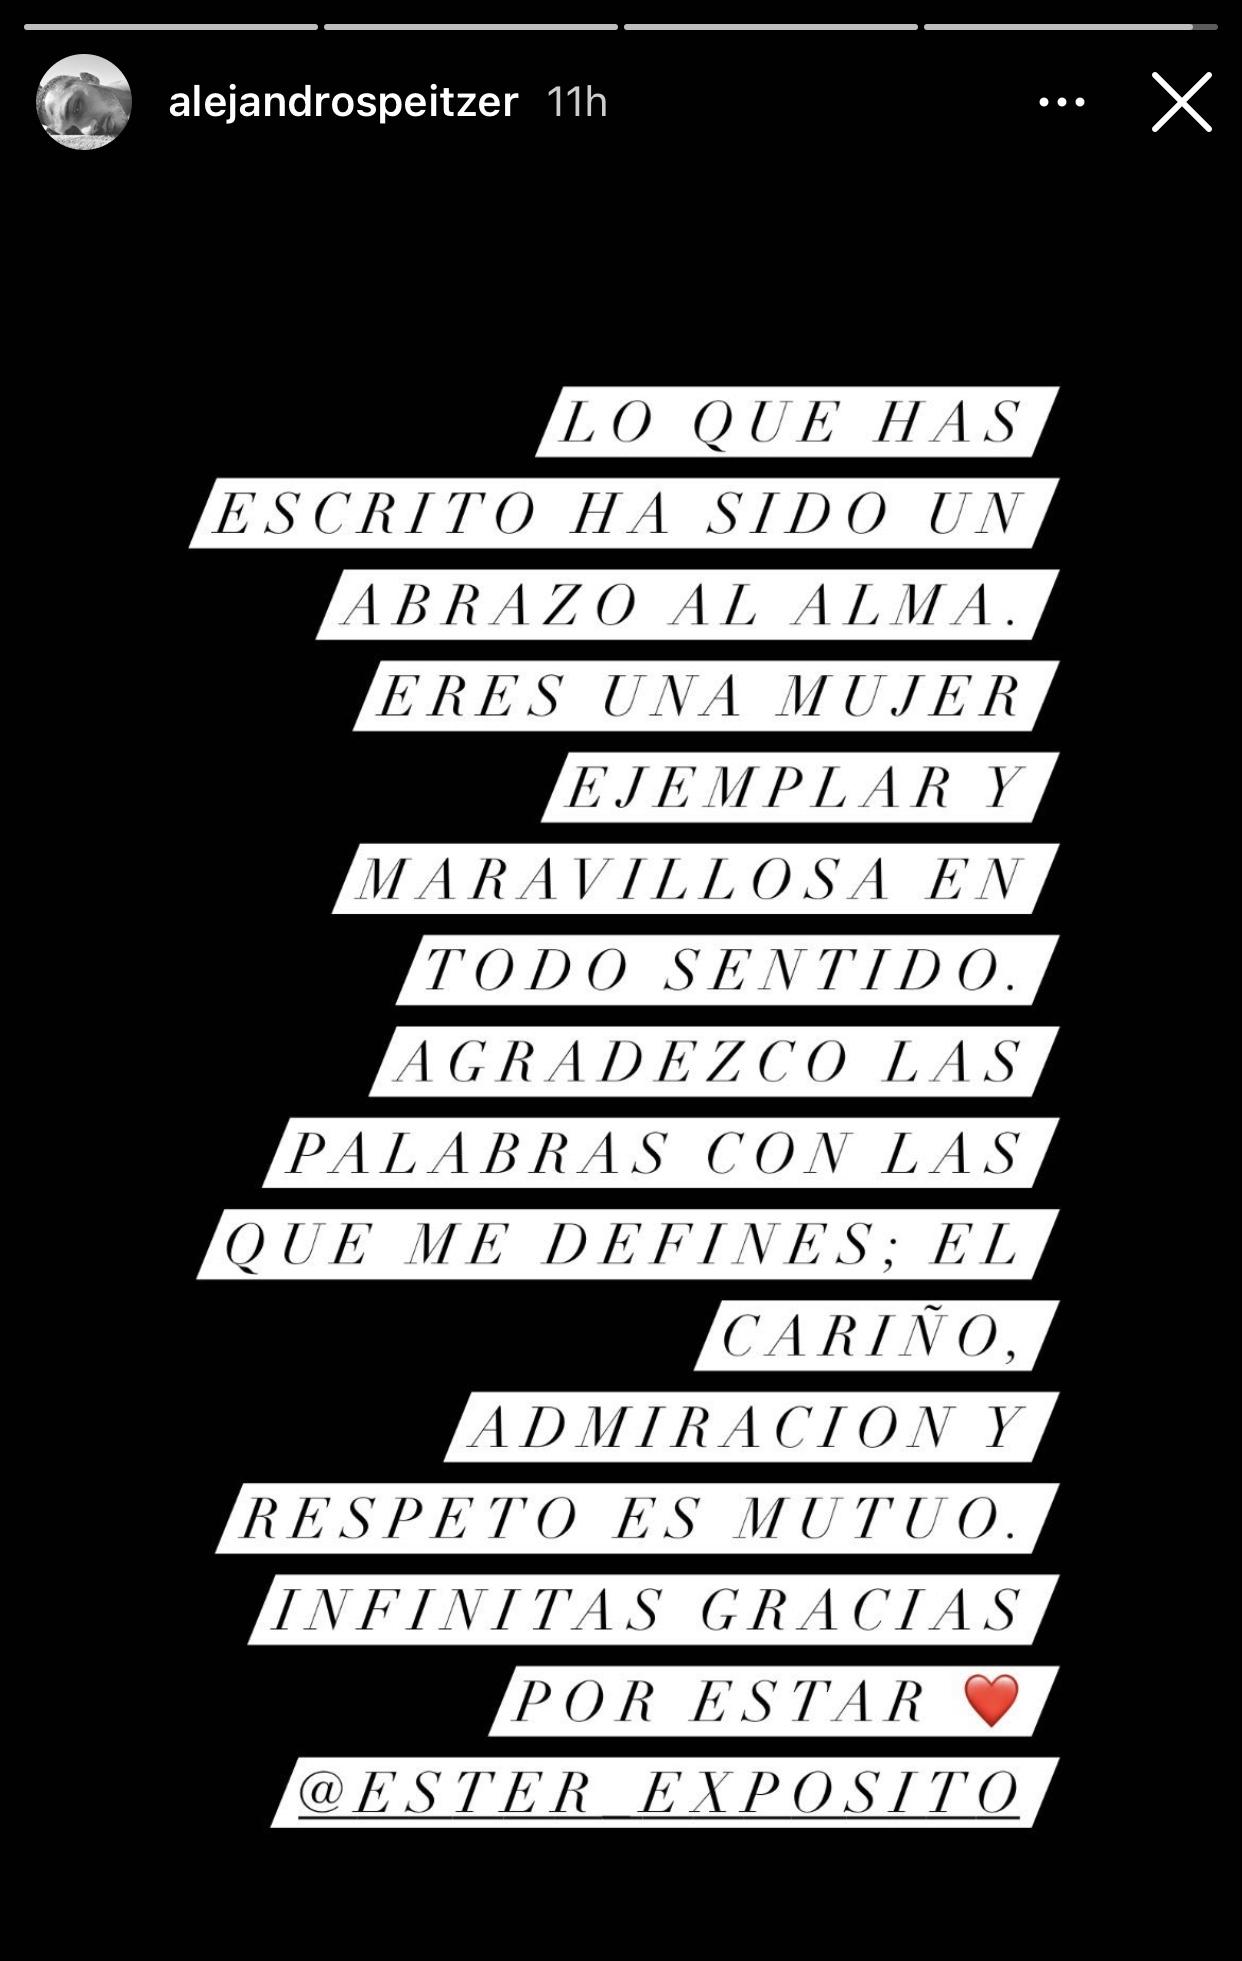 """Ester Expósito defiende como fiera a Alejandro Speitzer de quienes le dicen """"mantenido"""""""